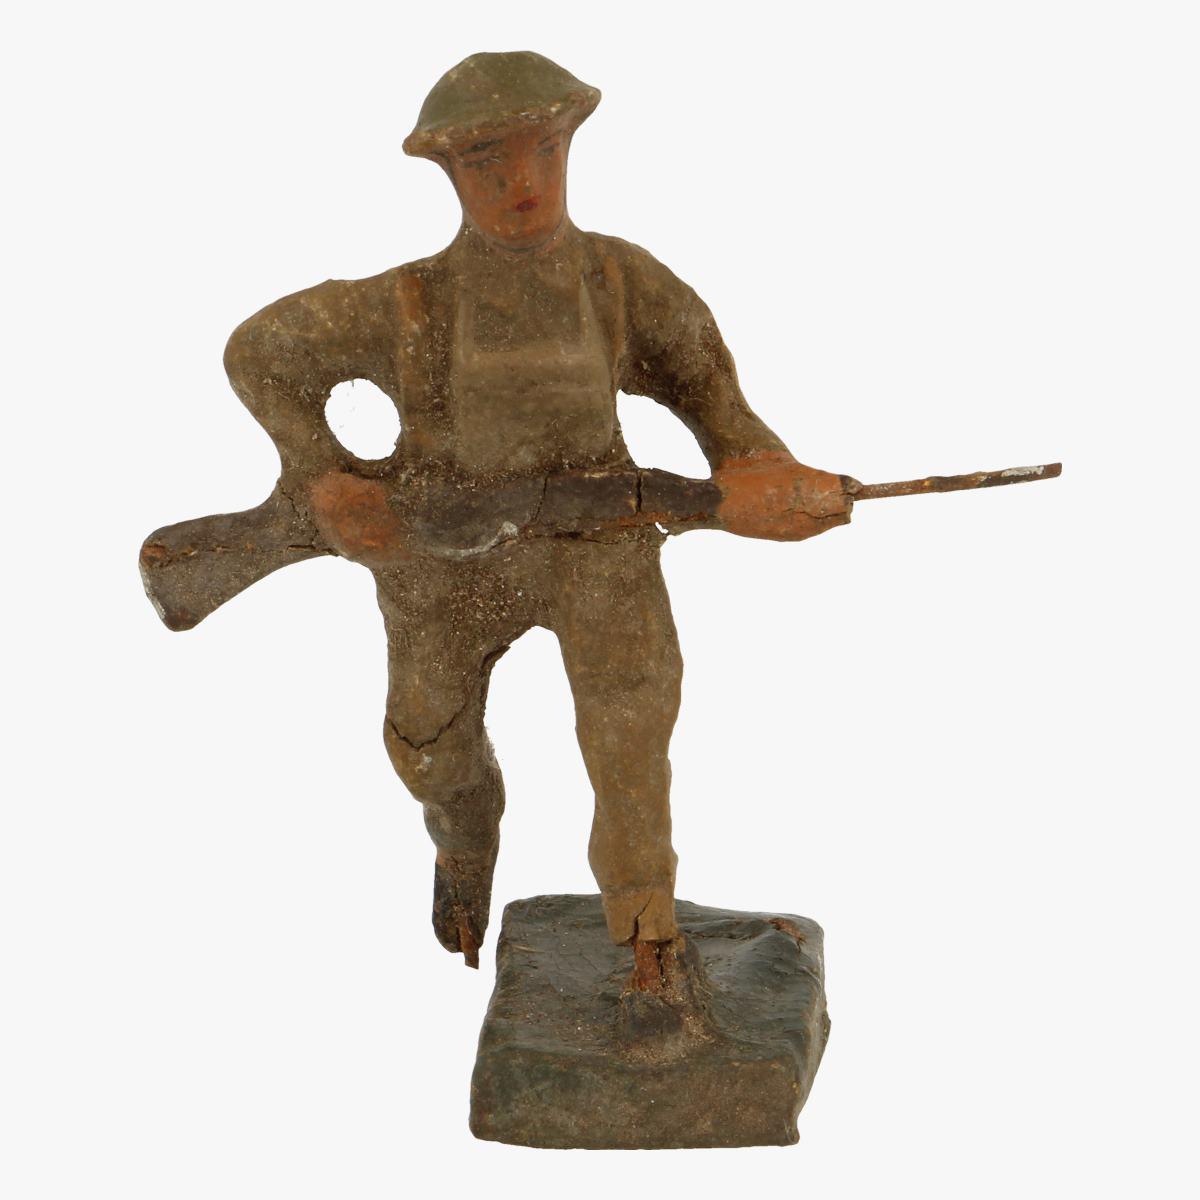 Afbeeldingen van elastolin soldaatjes made in belguim durso